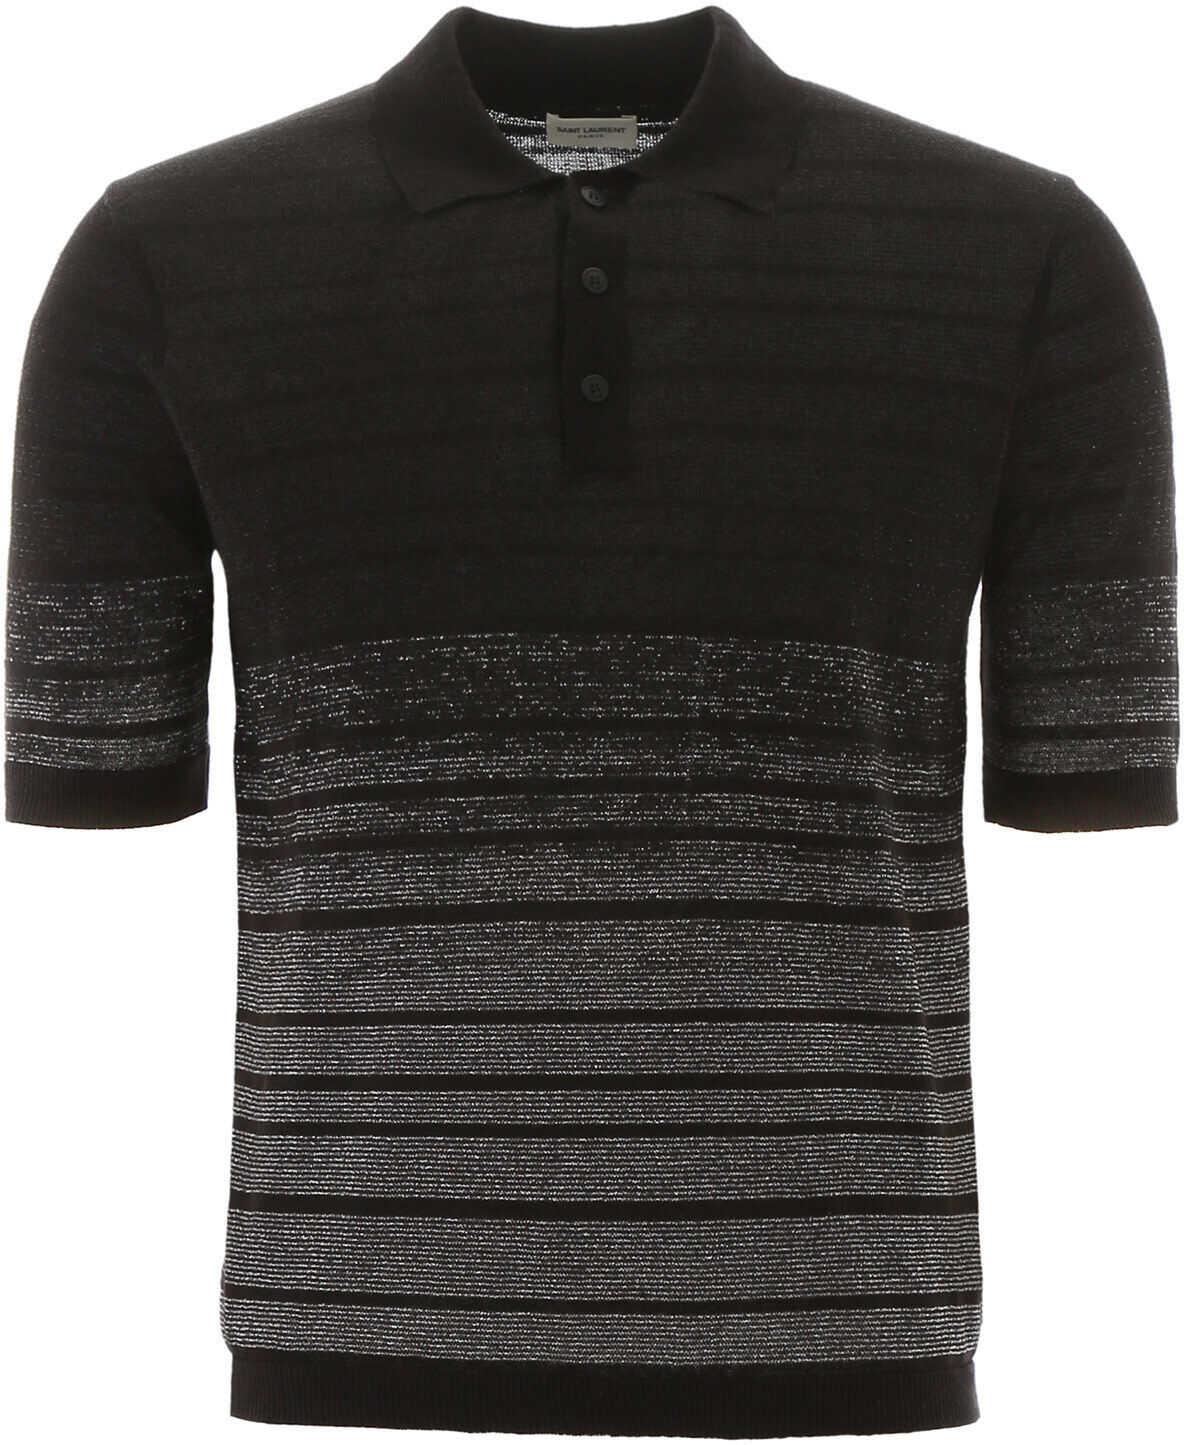 Saint Laurent Polo Shirt With Lurex Stripes NOIR ARGENT imagine